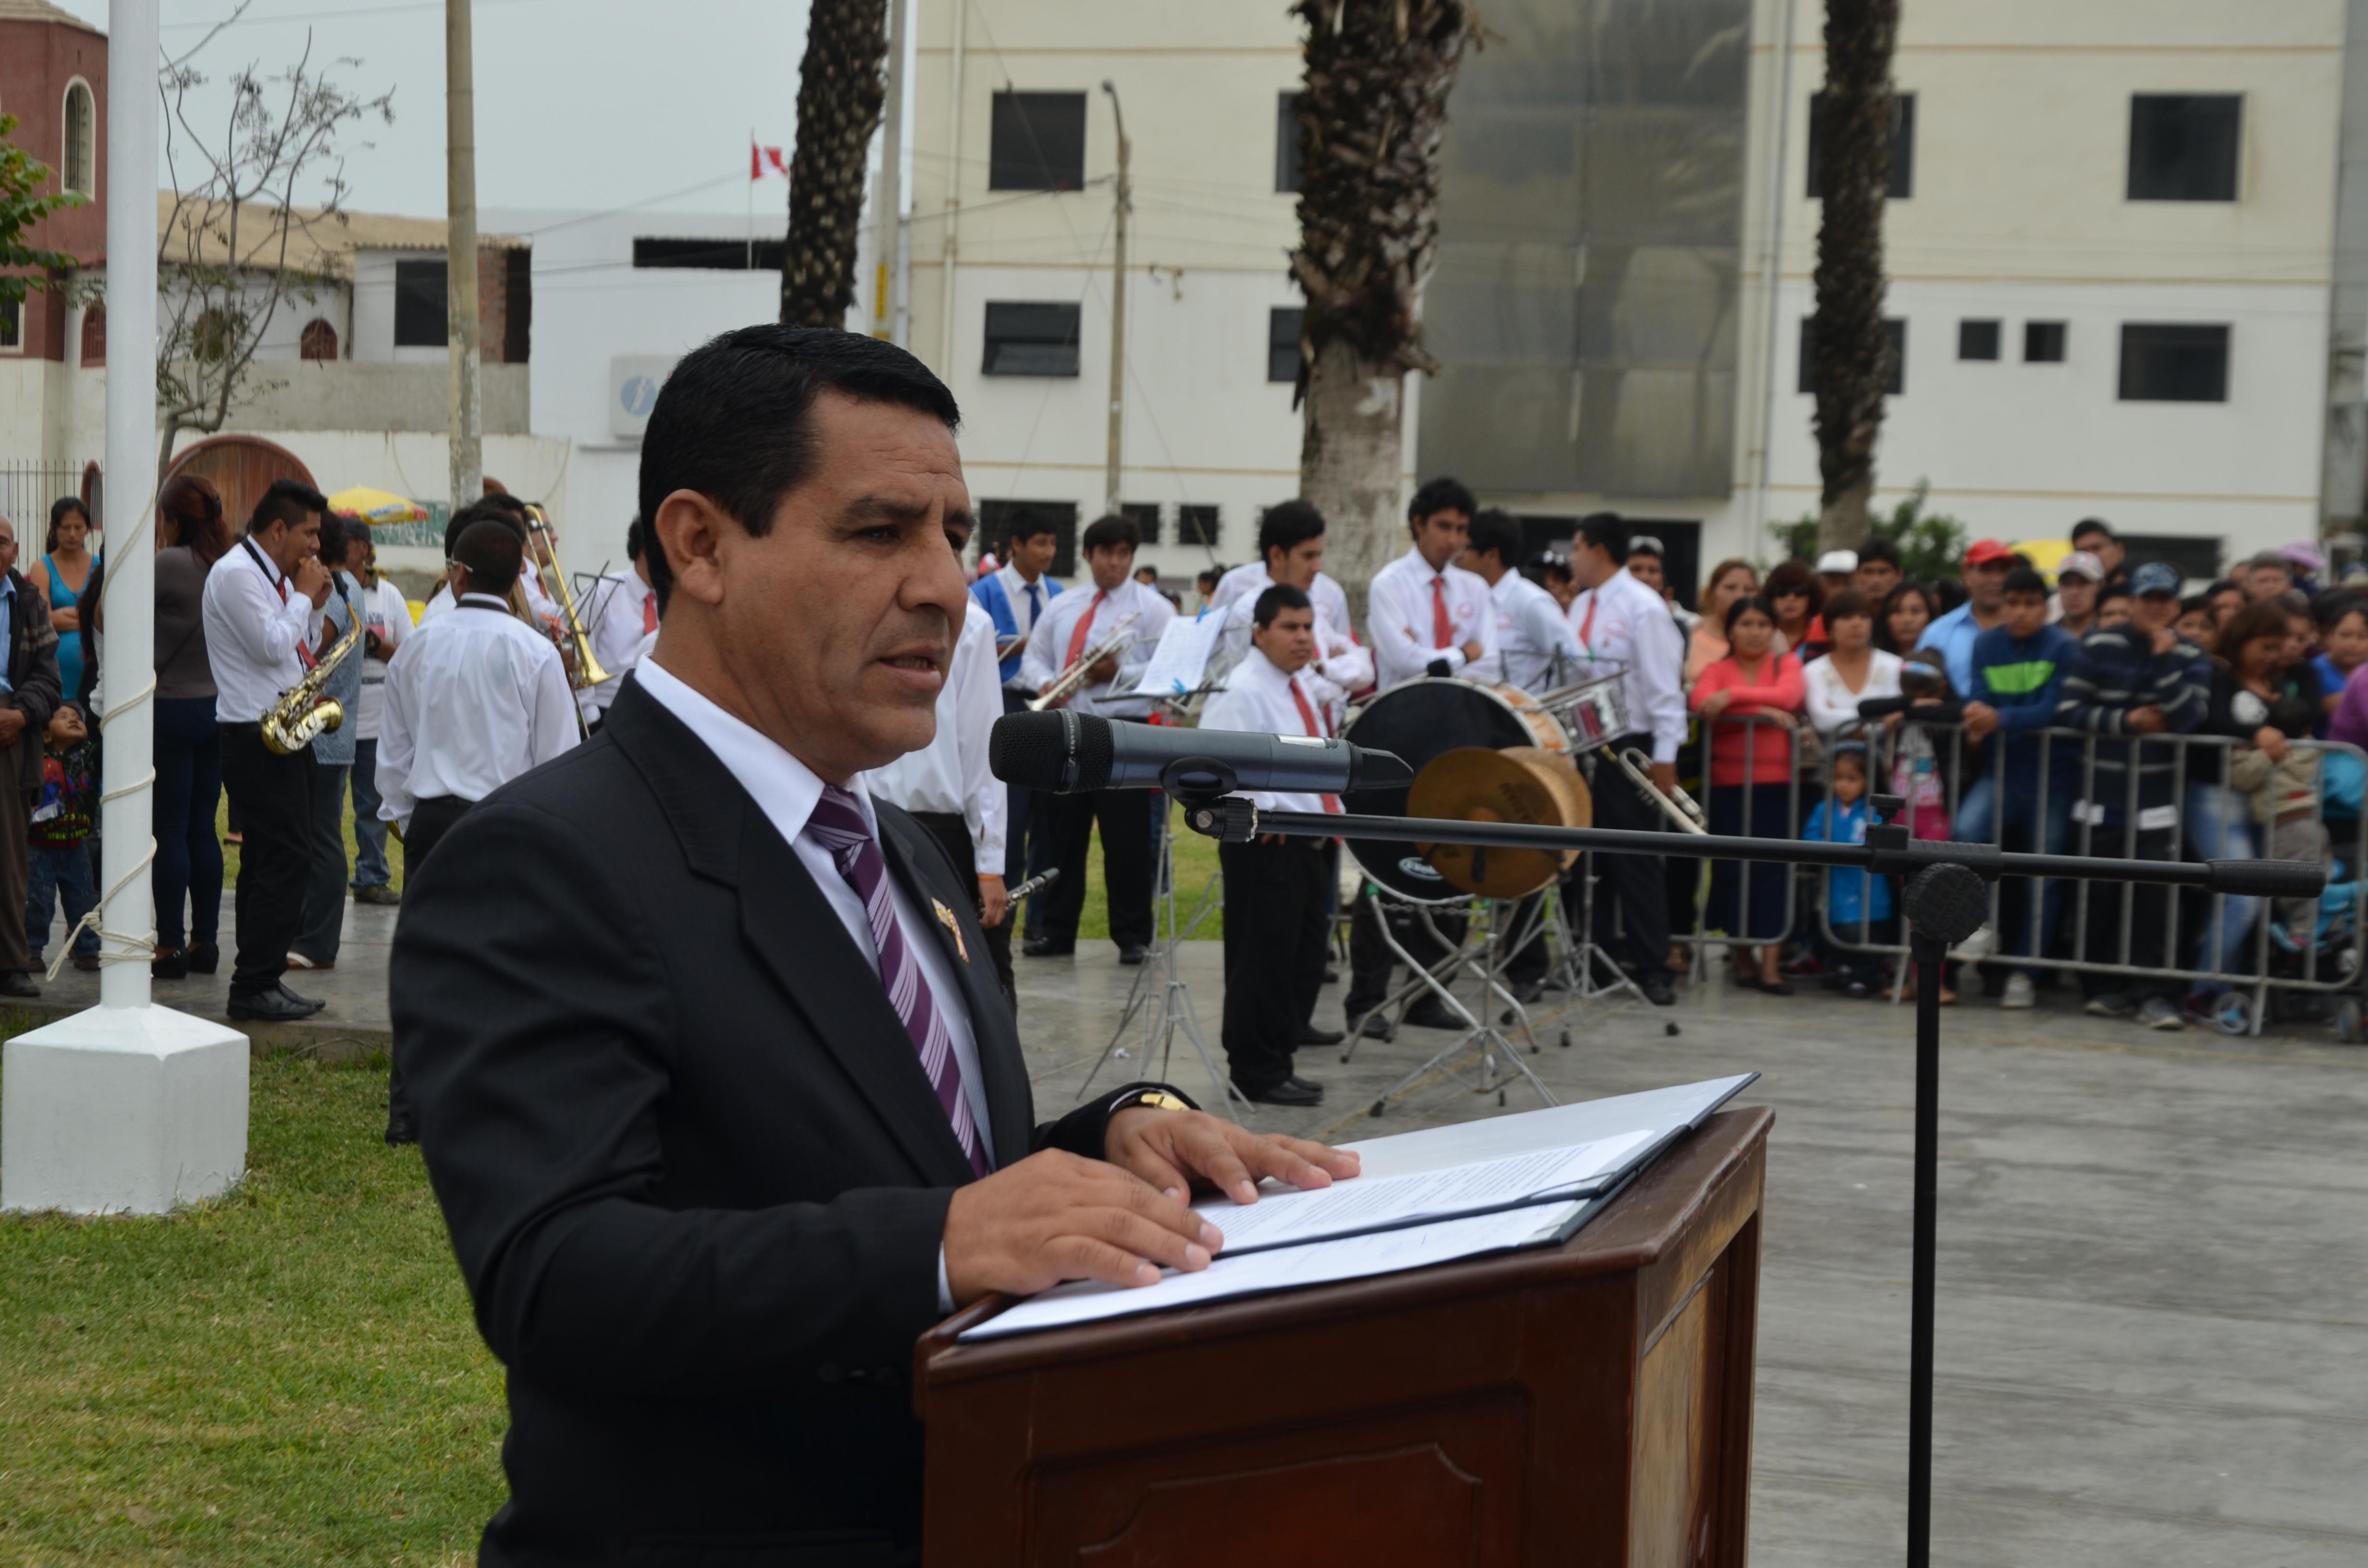 Durante discurso por Fiestas Patrias  Mejor seguridad y educación anuncia alcalde Carlos Vásquez